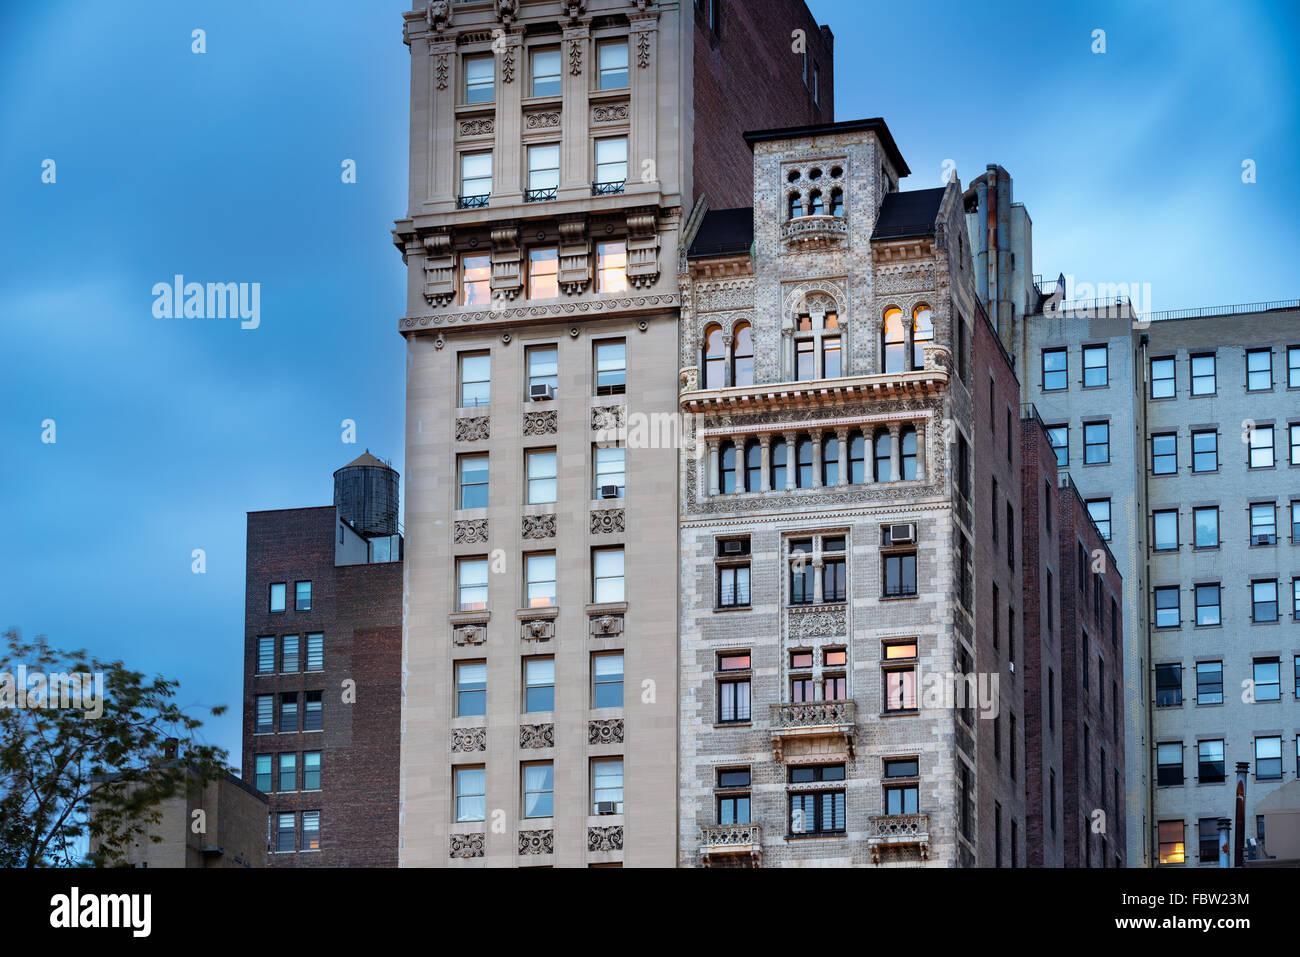 Banque de la métropole et Decker bâtiment, avec sa façade en terre cuite complexes, Union Square, Photo Stock